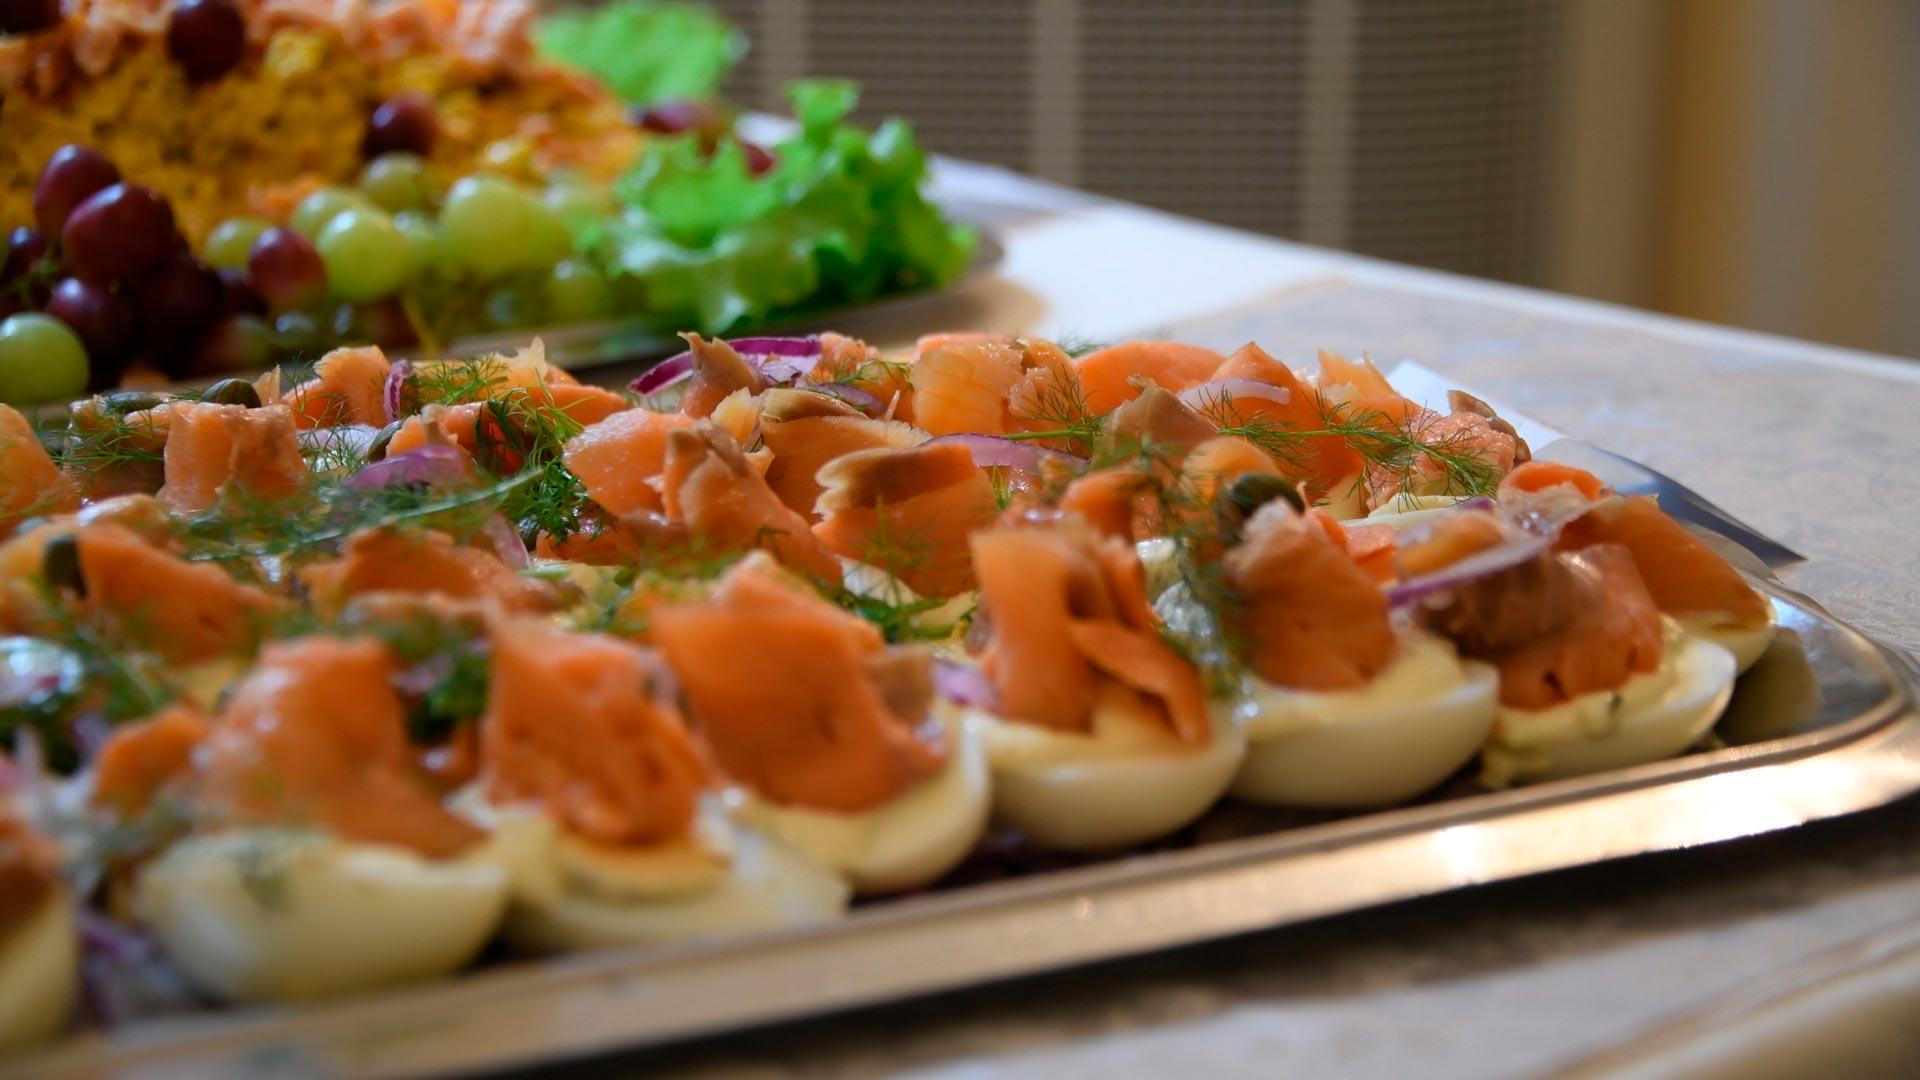 EKOLOGINEN TOIMINTATAPA: Pienennä hiilijalanjälkeäsi juhlissasi Party-Box Cateringillä